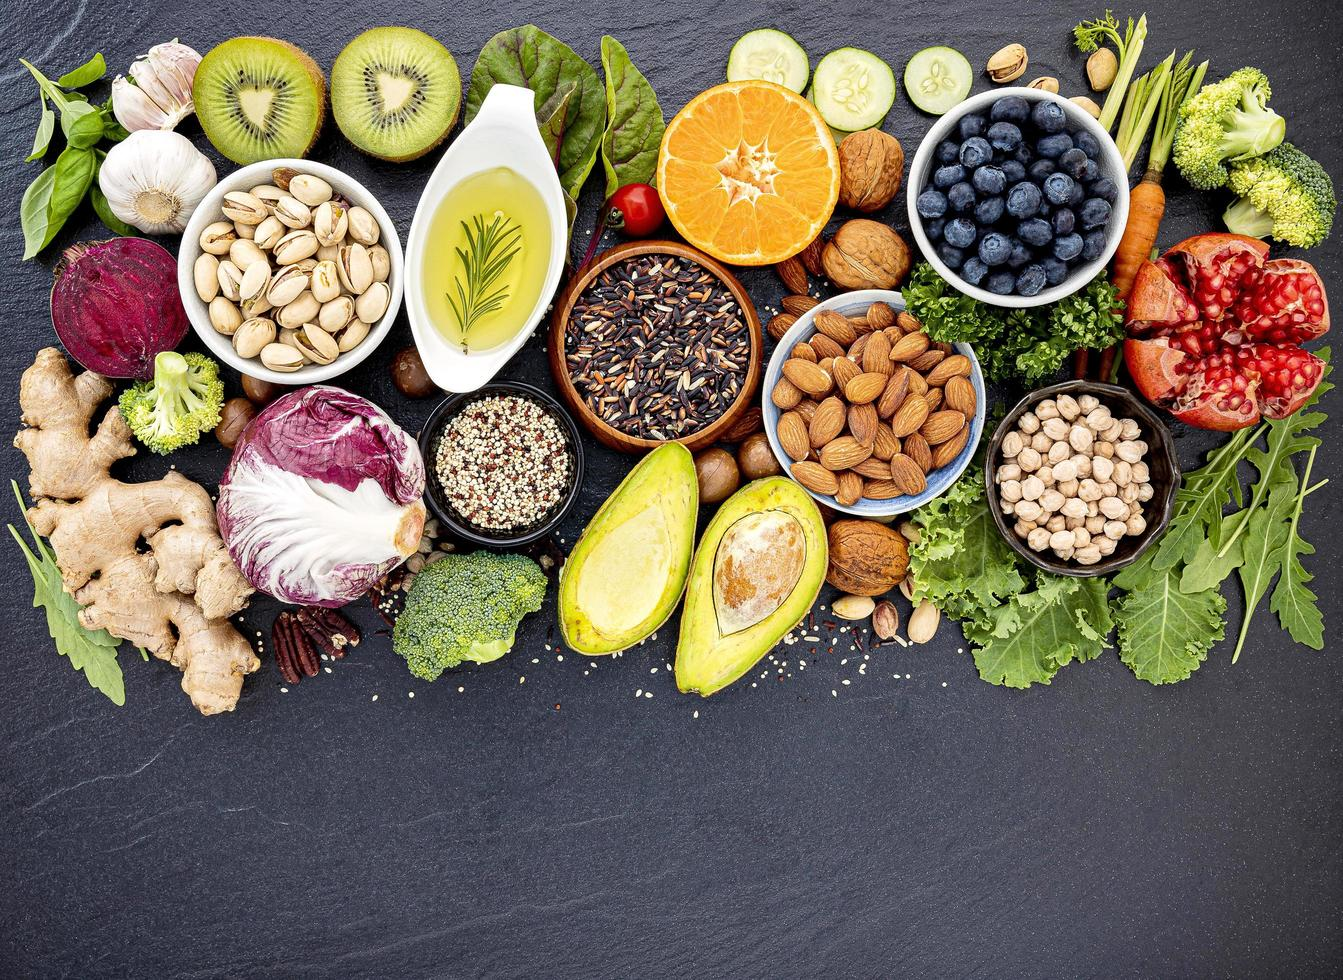 selecciones de alimentos saludables foto